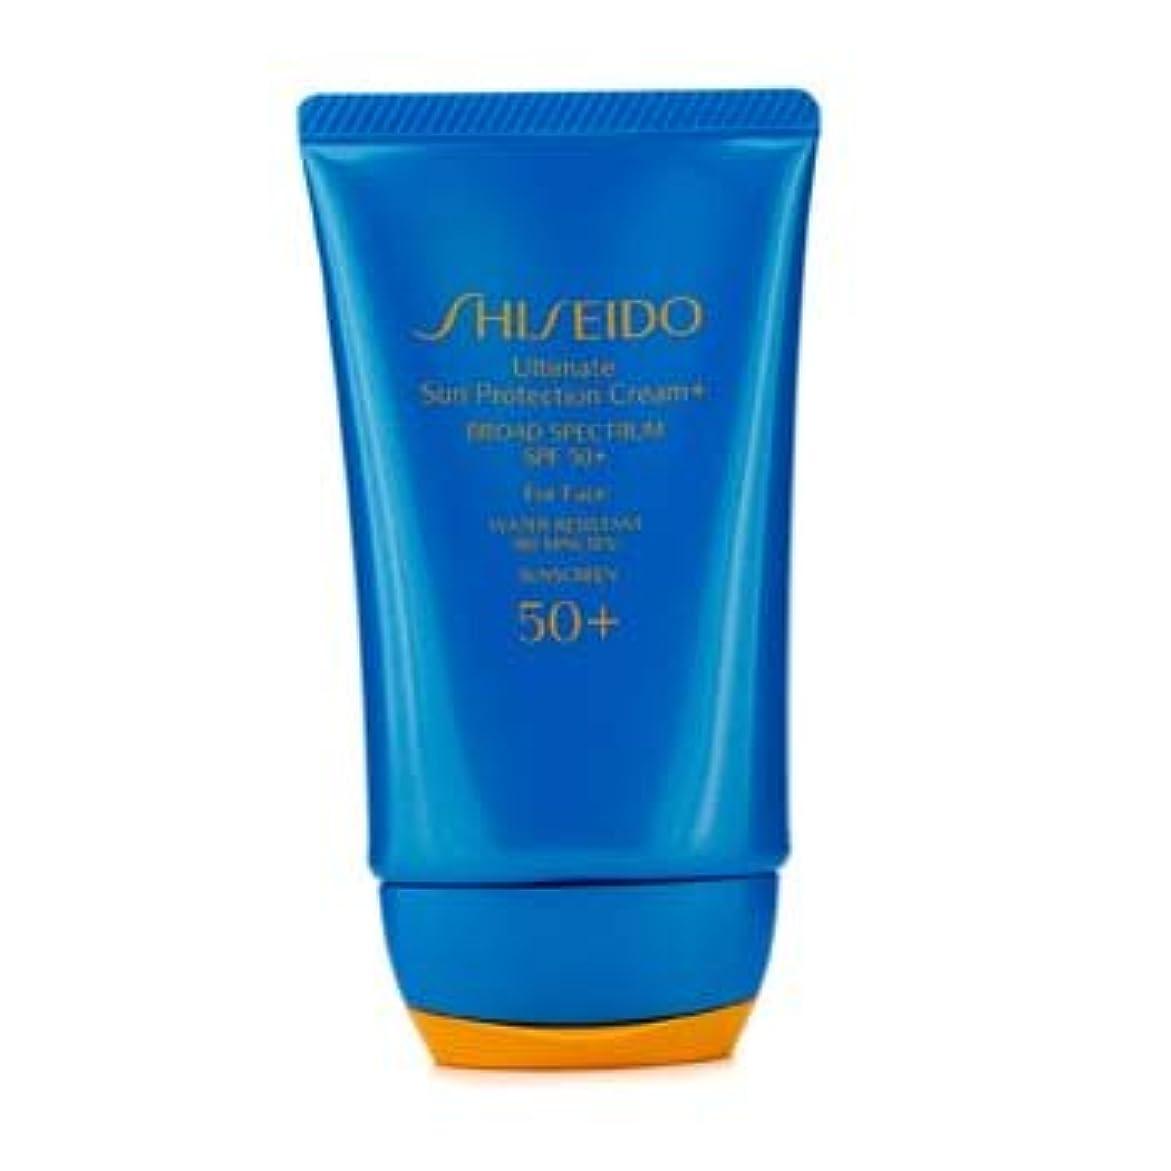 対応する挨拶する羊の[Shiseido] Ultimate Sun Protection Face Cream SPF 50+ 50ml/2.1oz